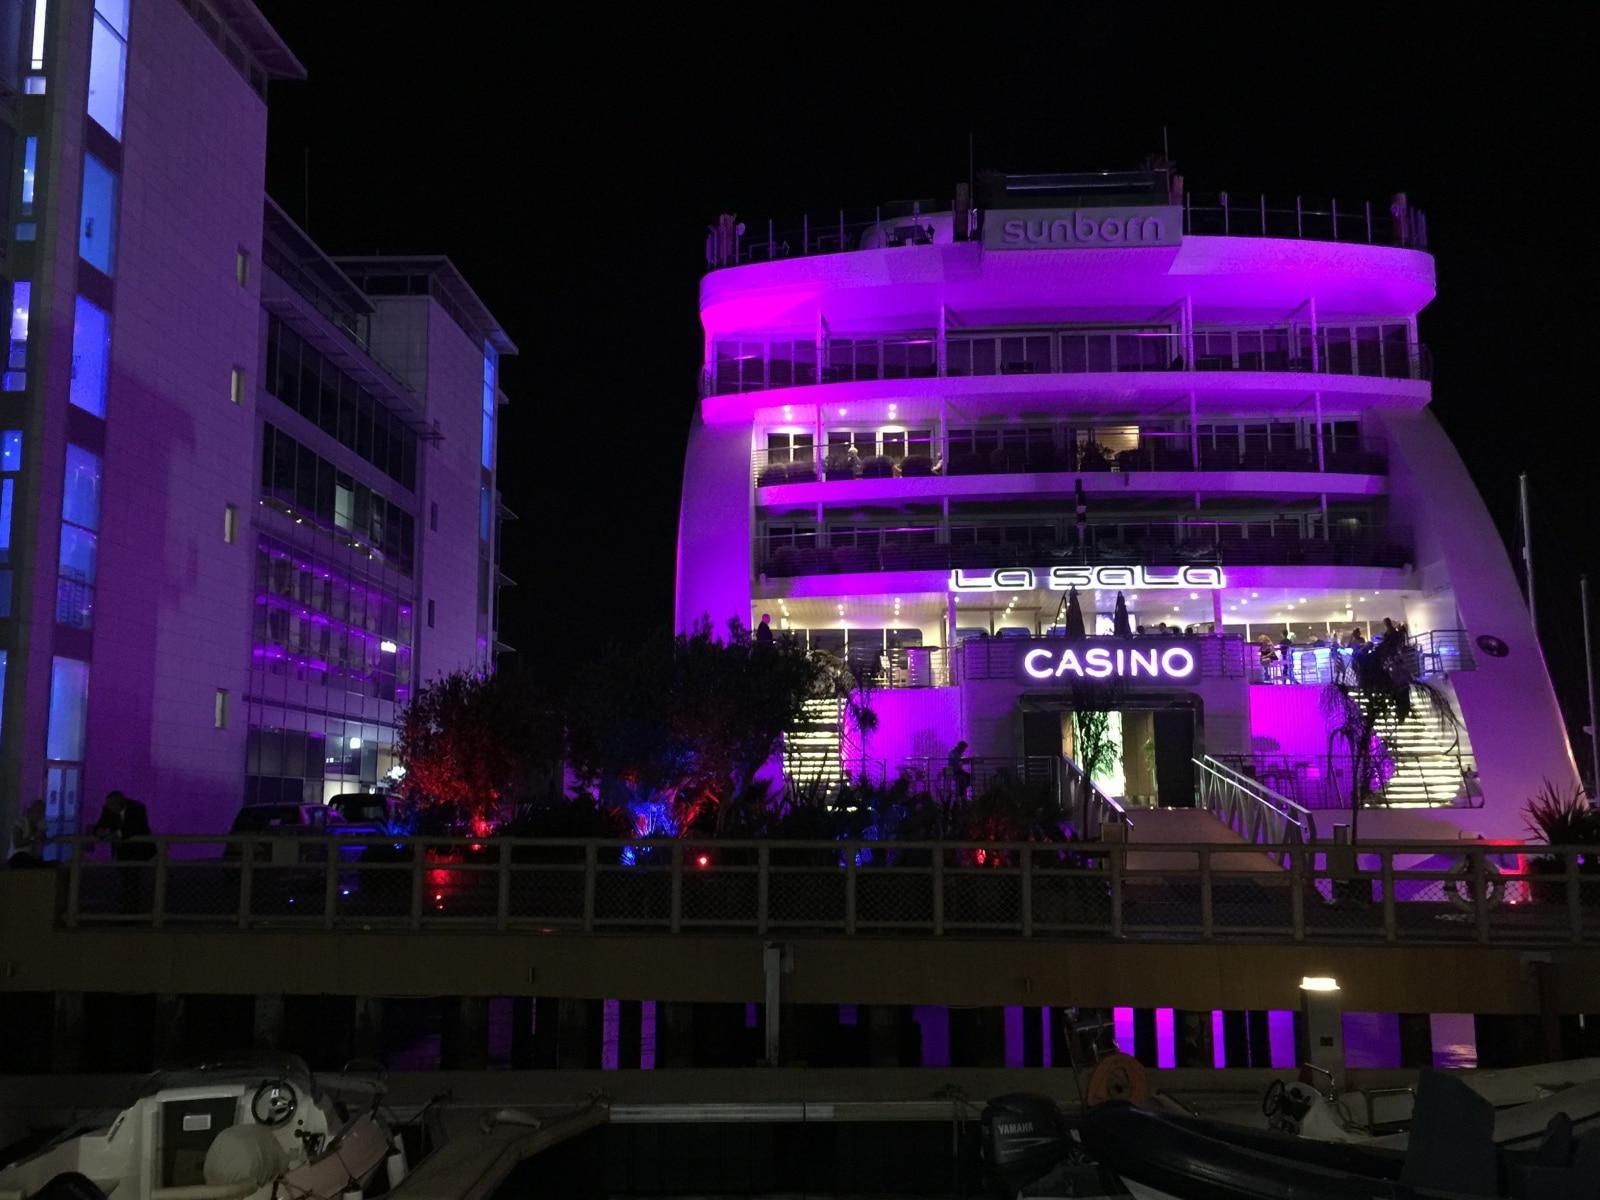 el-hotel-flotante-de-lujo-sunborn-est-permanentemente-en-la-marina-de-ocean-village-de-gibraltar-y-cuenta-con-un-casino-inaugurado-en-2015_22117876504_o